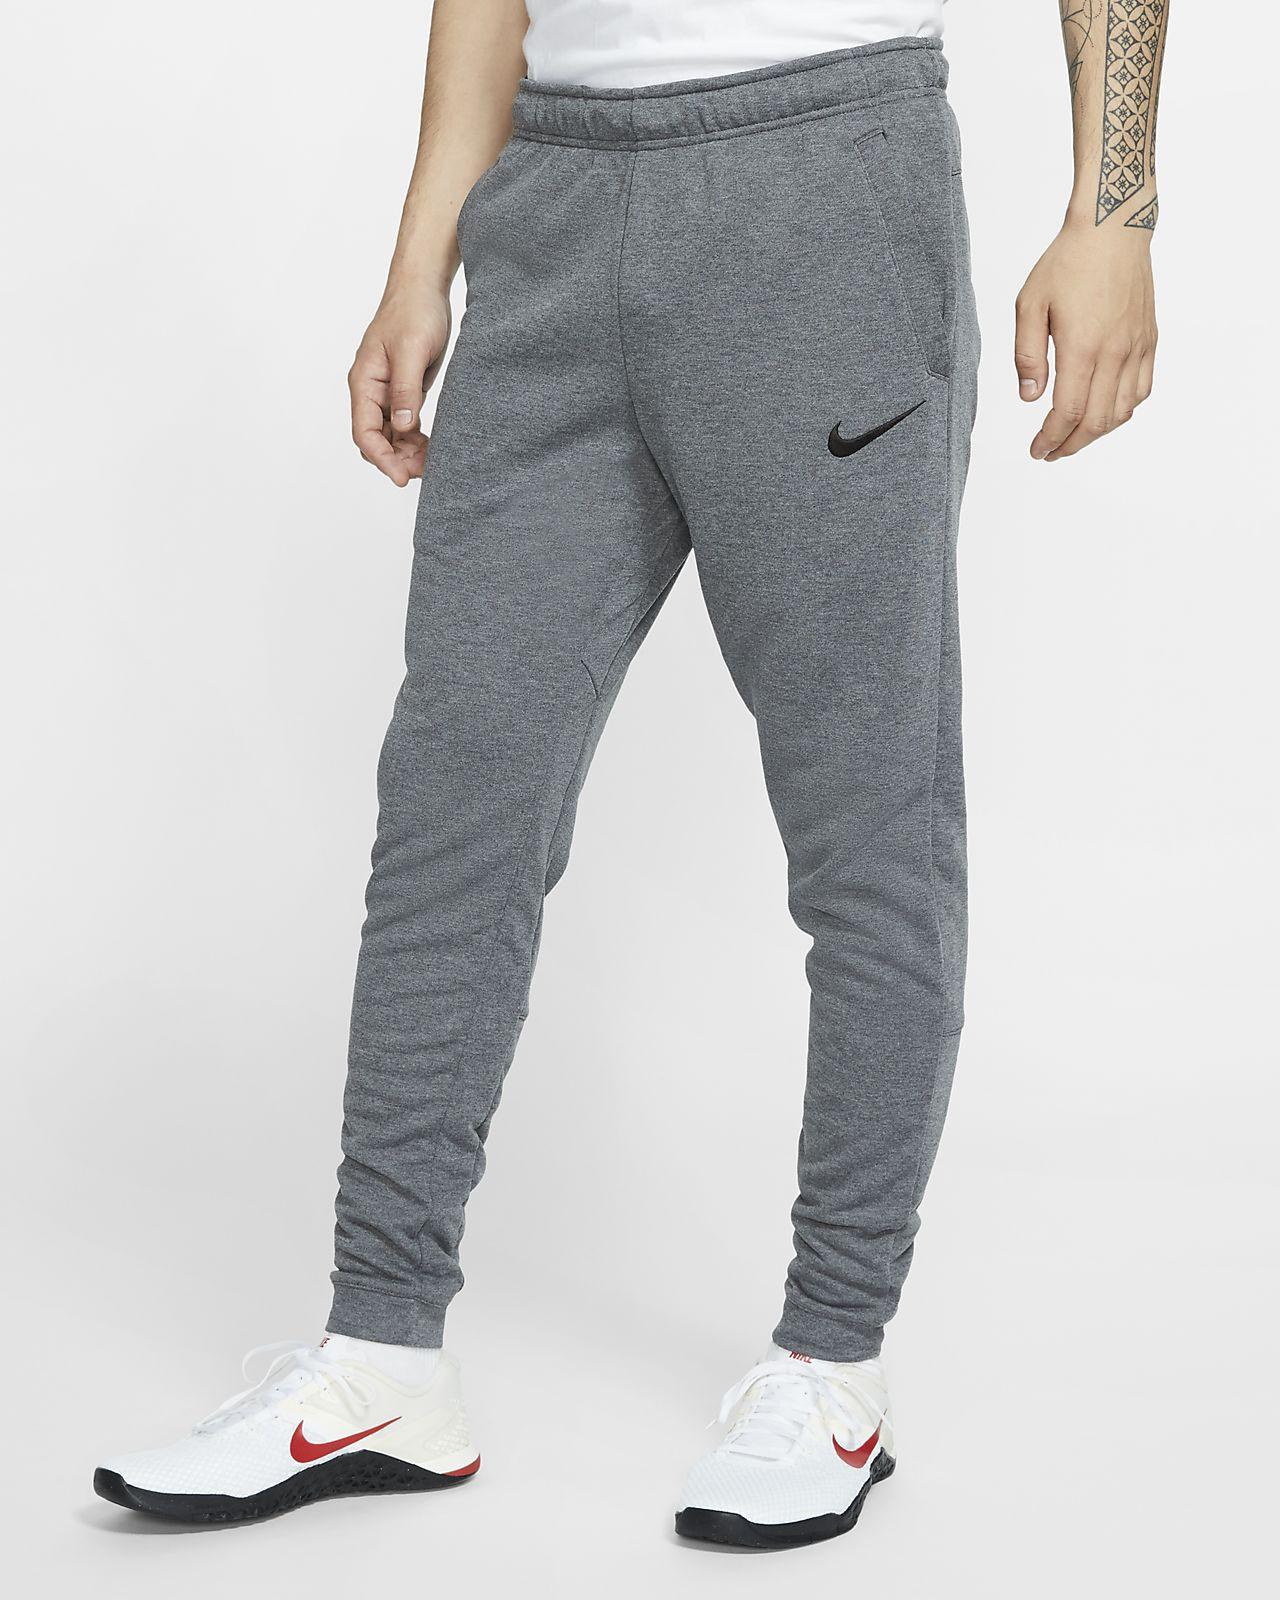 Pánské zúžené flísové tréninkové kalhoty Nike Dri-FIT